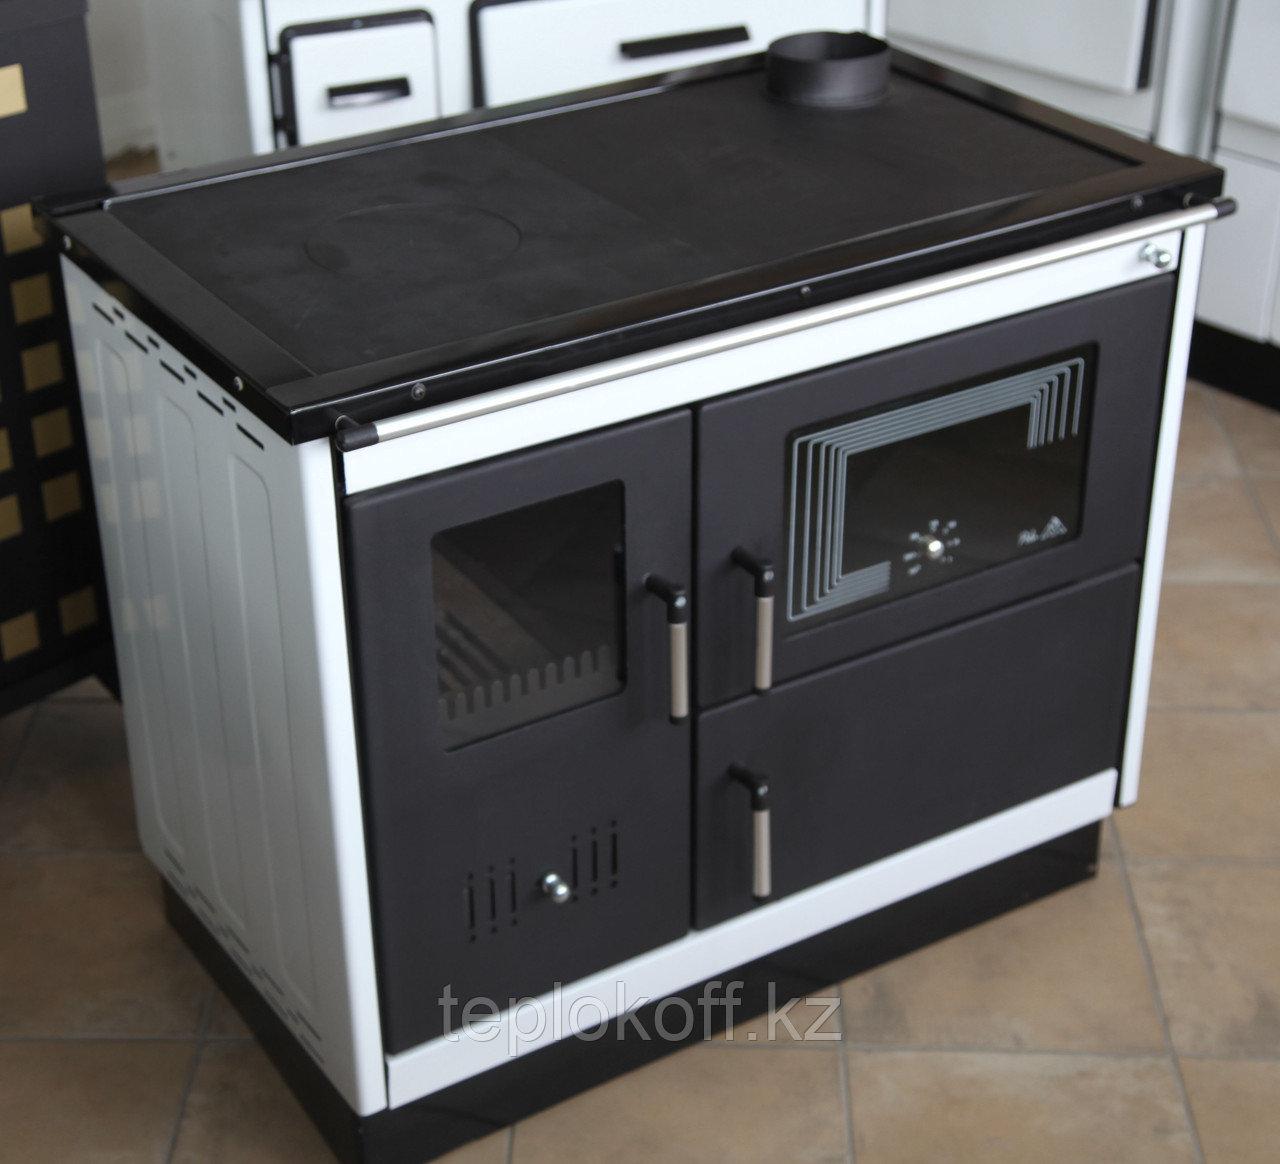 Отопительно-варочная печь с духовкой и водяным контуром Мастерпечь ПВВ-10